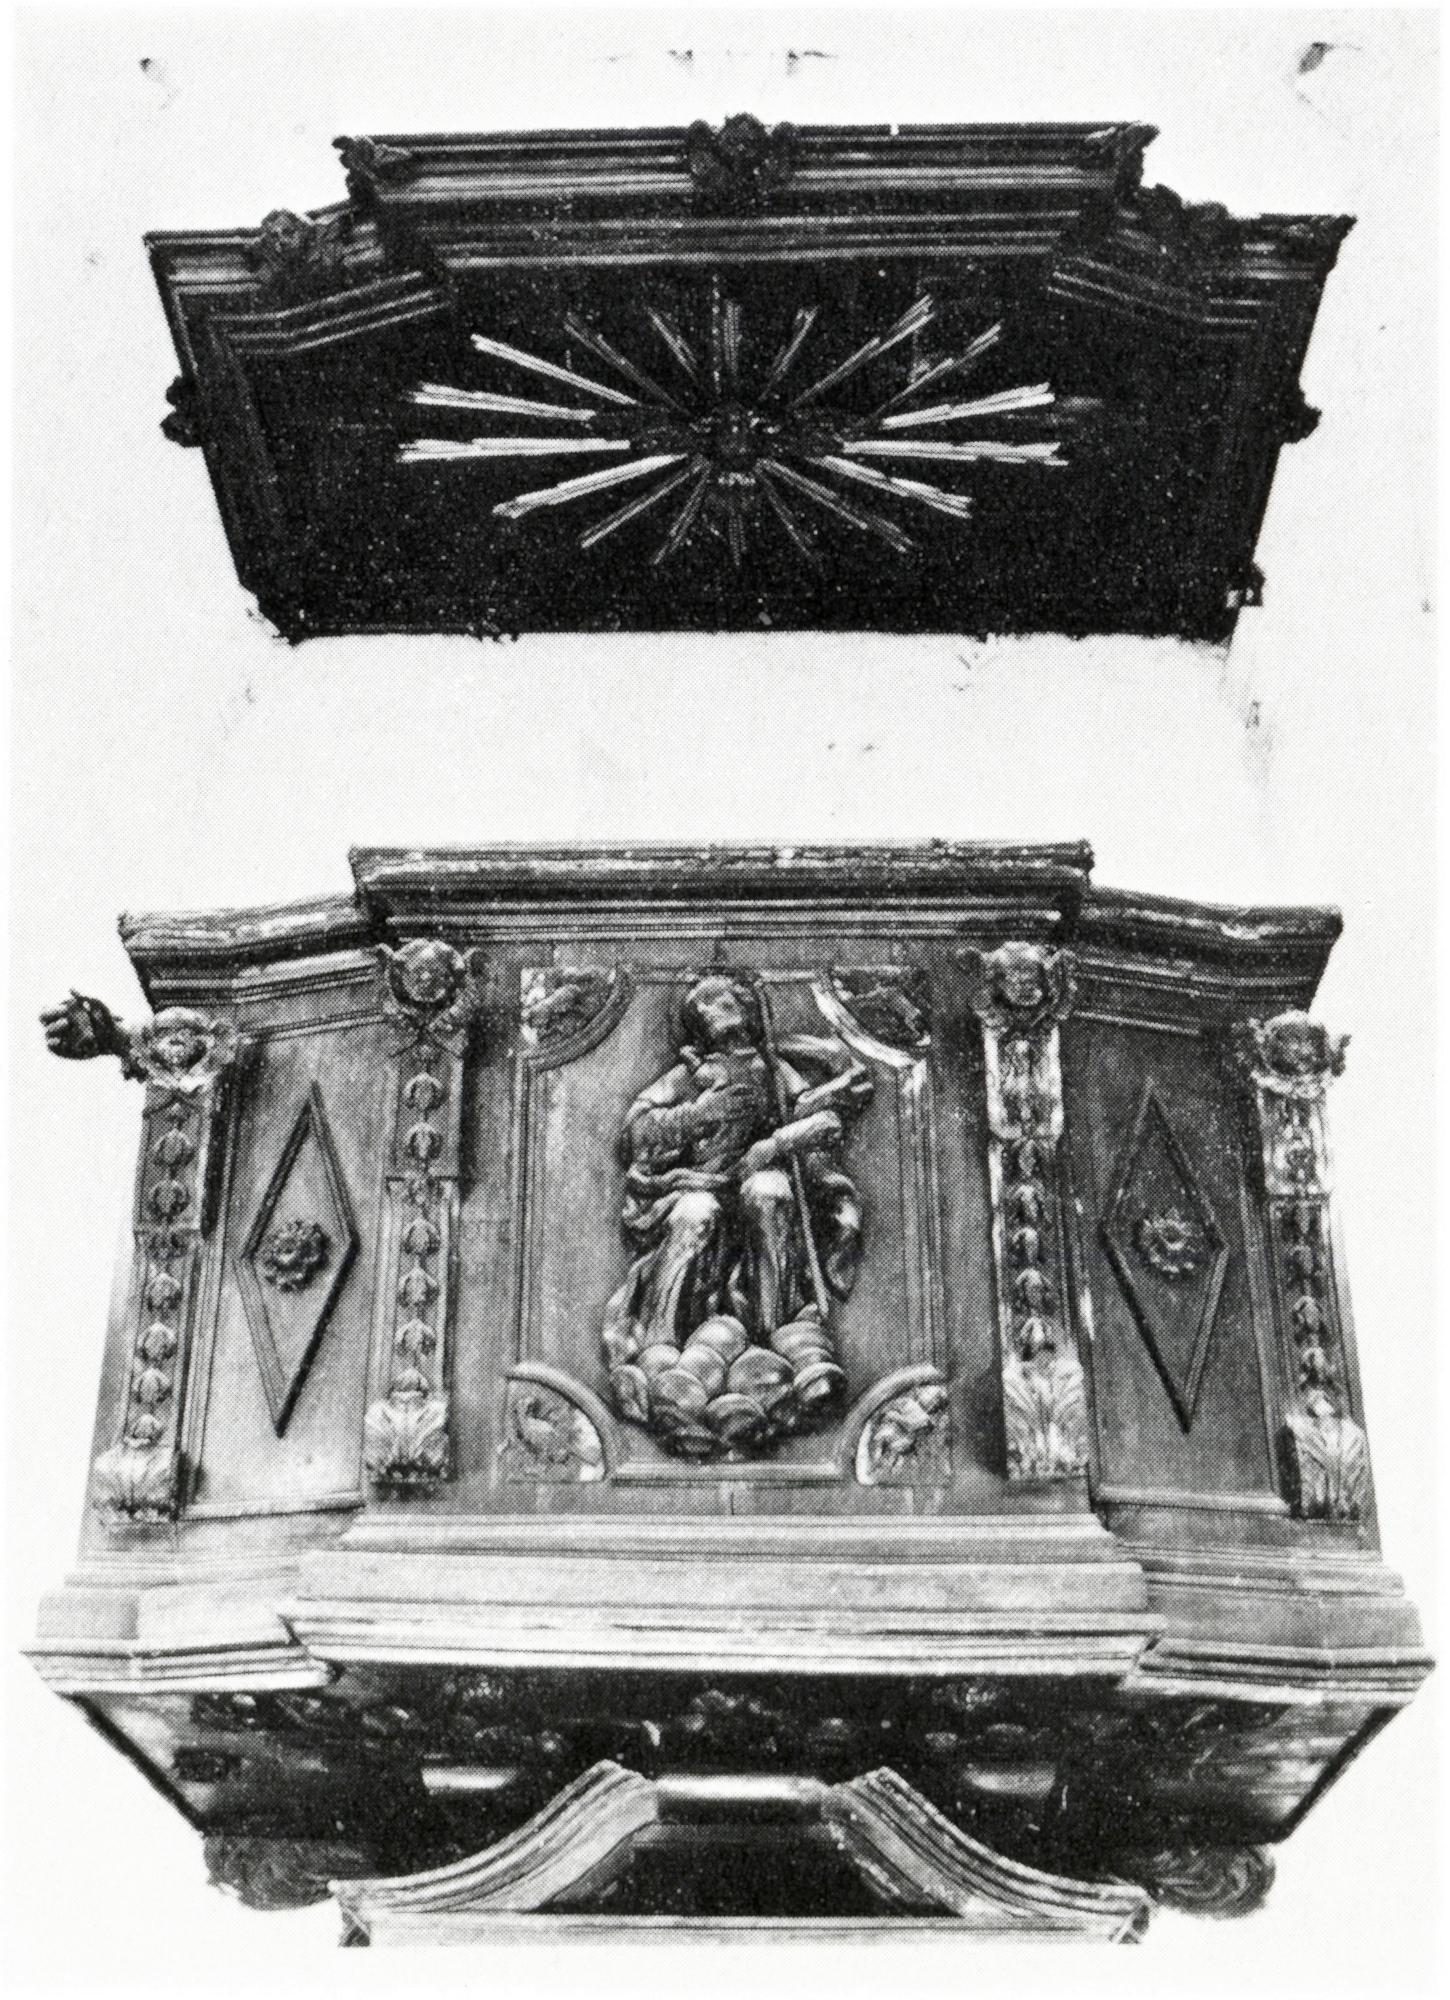 Pulpito raffigurante S. Giacomo apostolo, vecchia chiesa di S. Giacomo, Battaglia Terme.